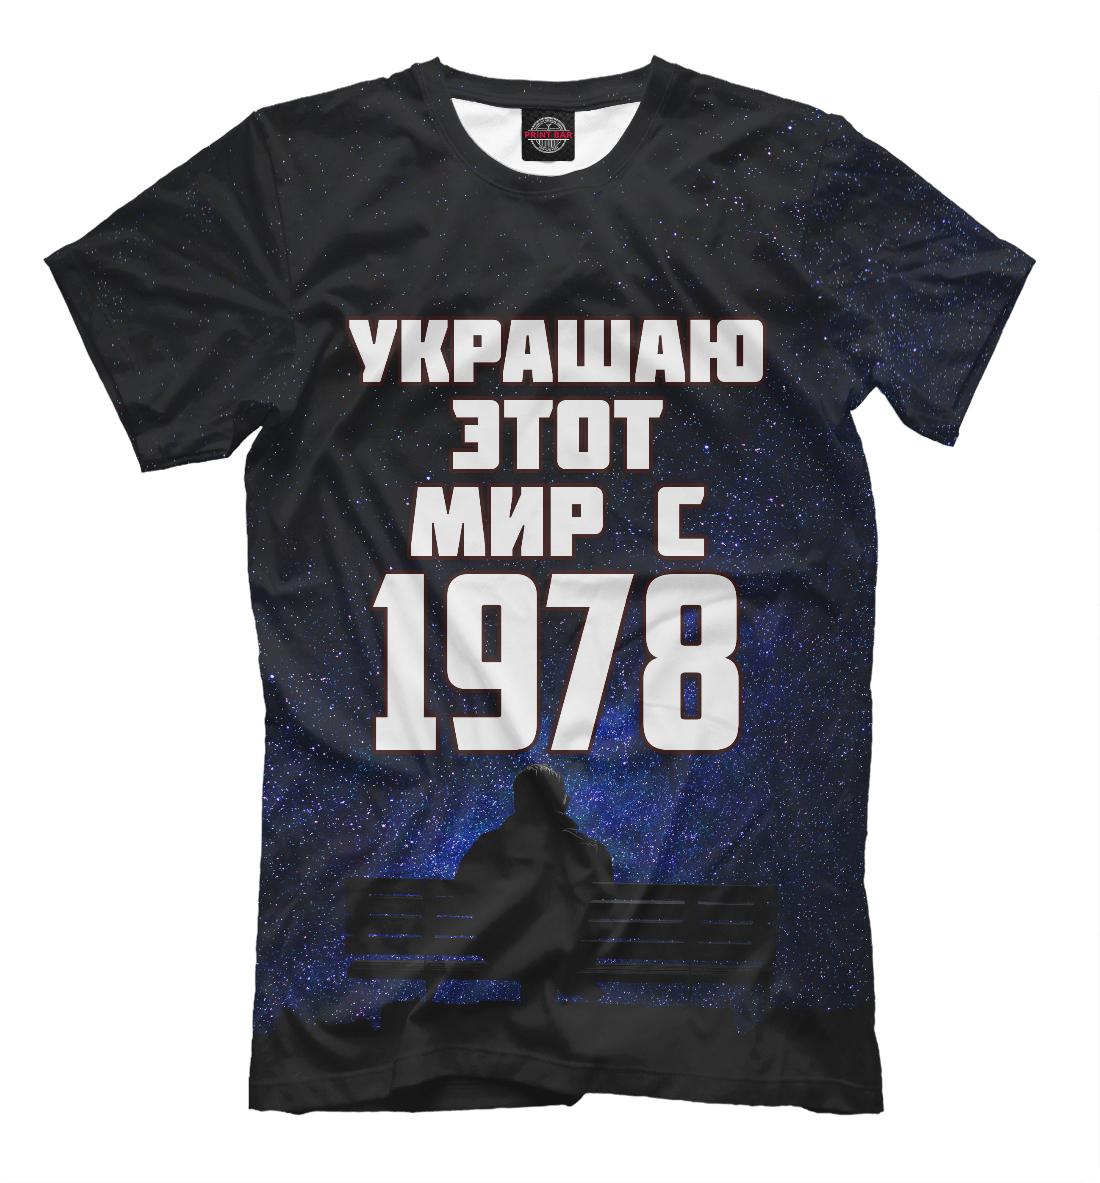 Купить Украшаю этот мир с 1978, Printbar, Футболки, DSV-109321-fut-2